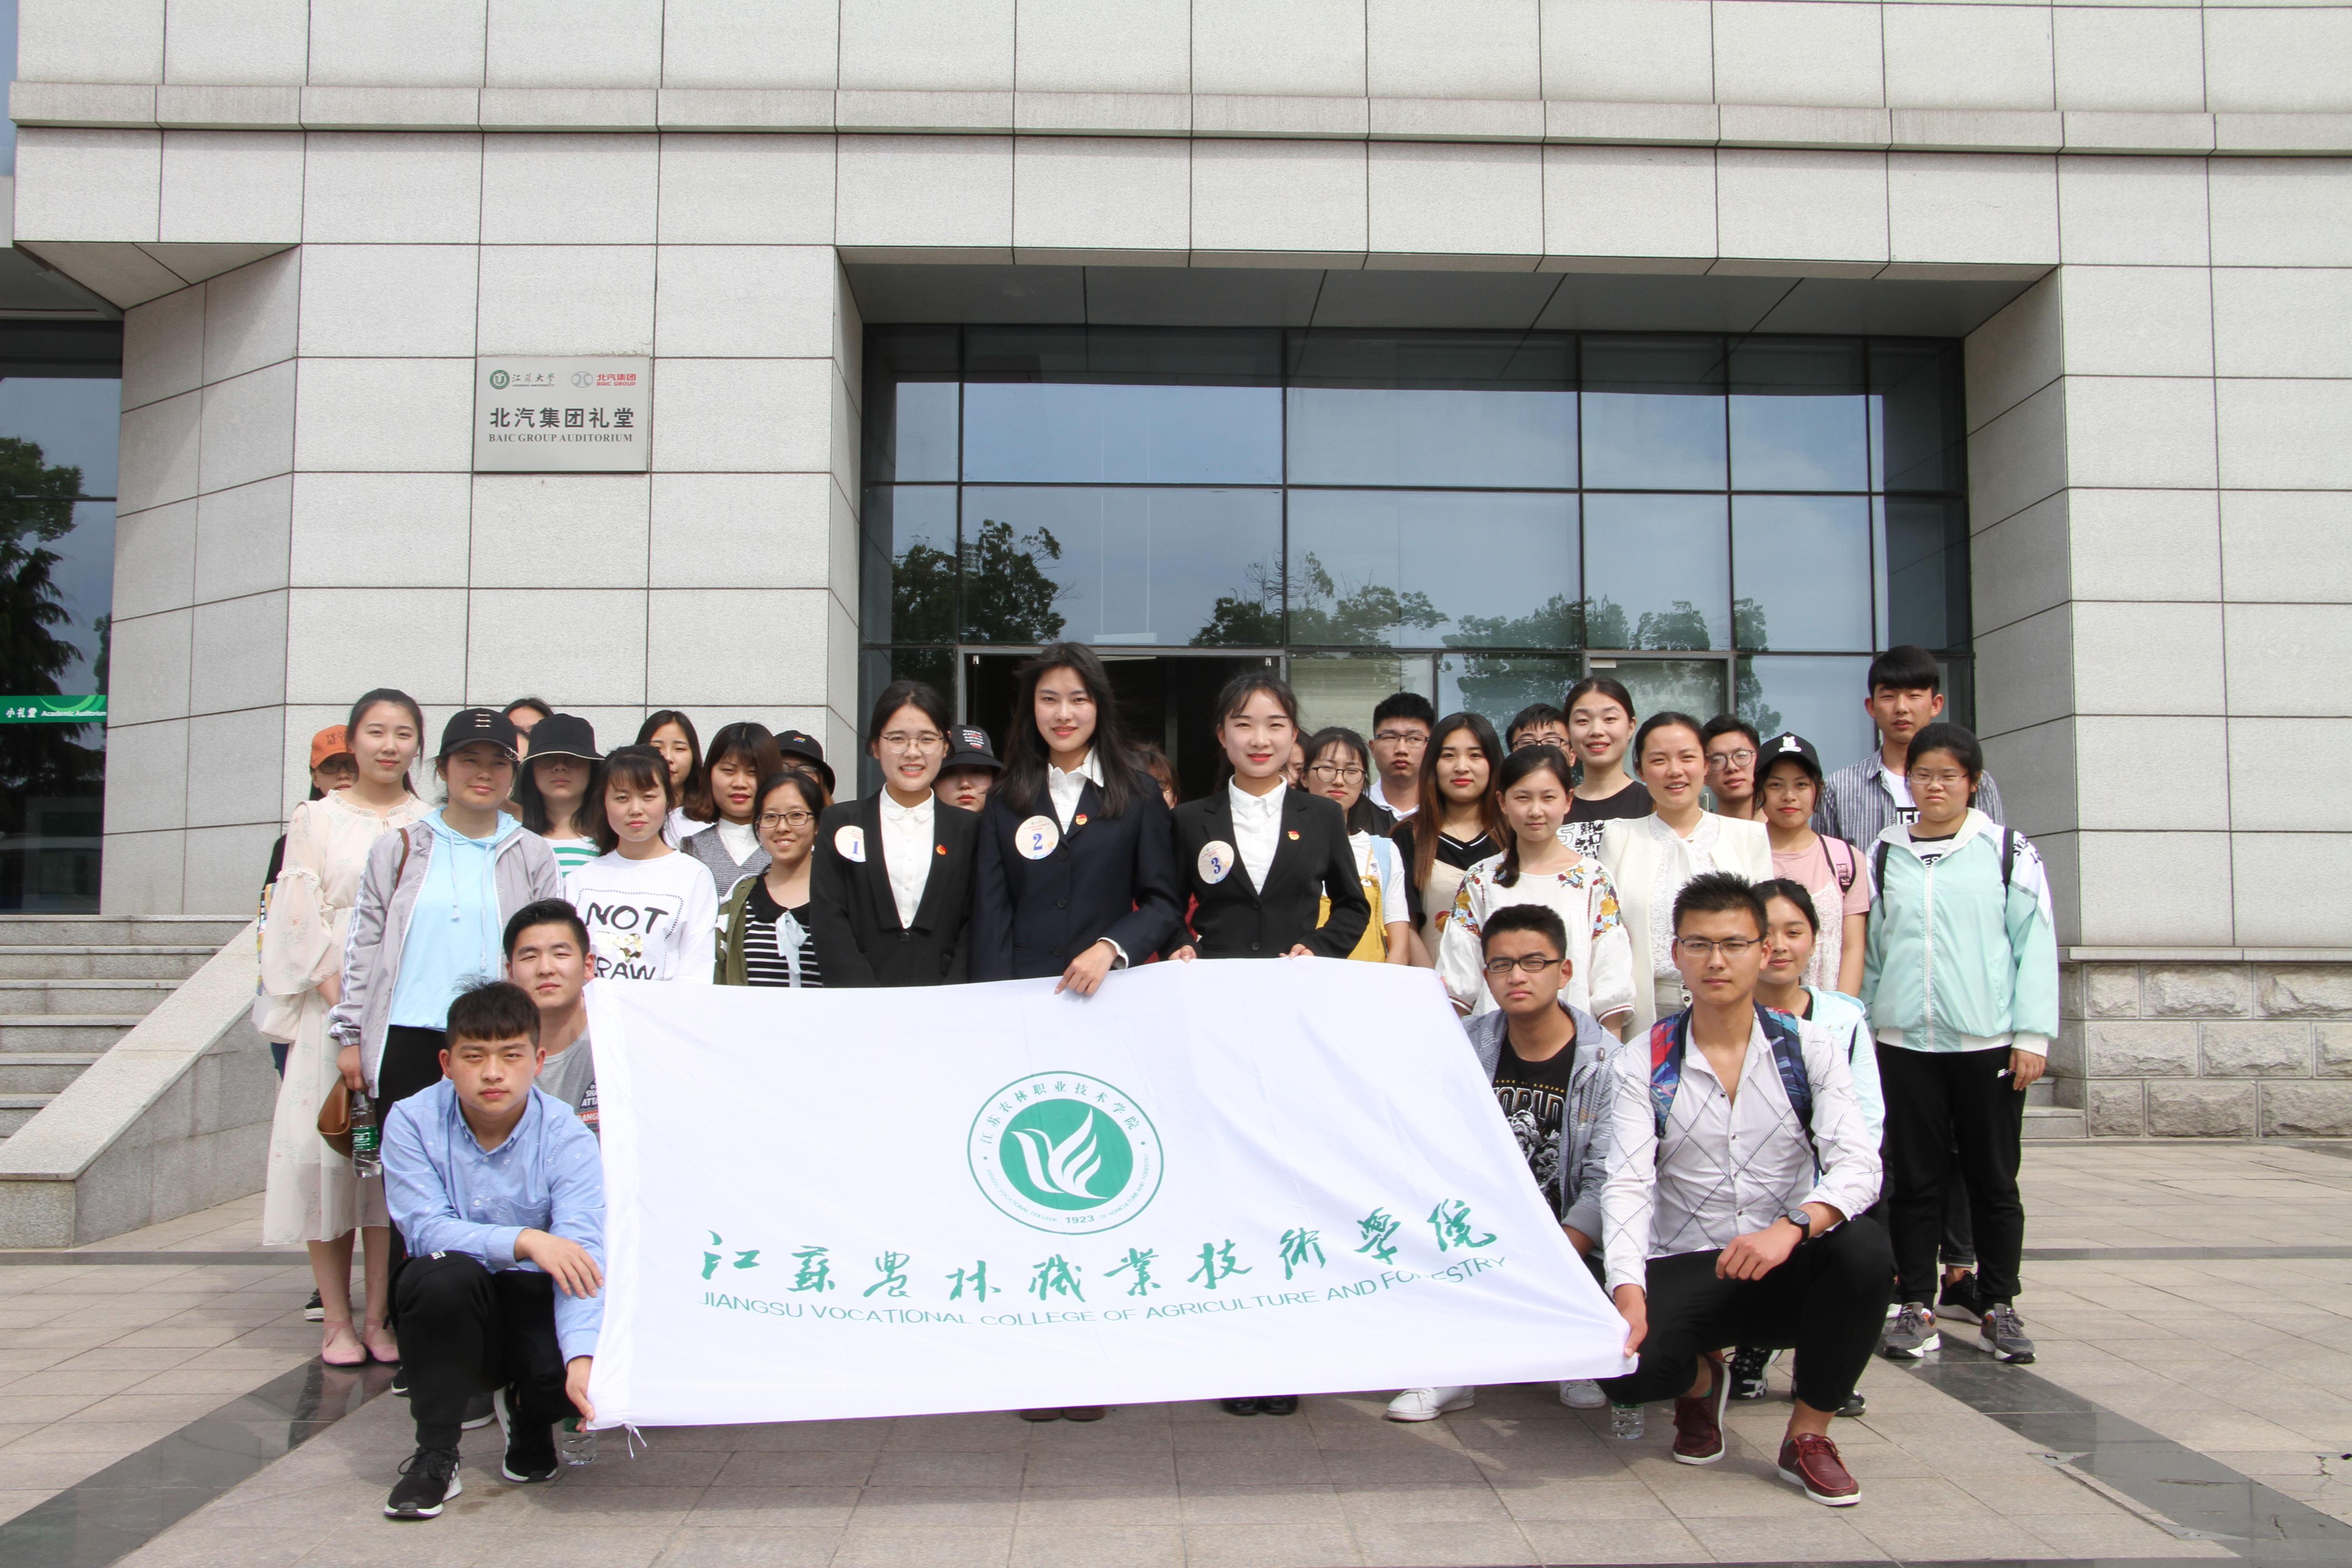 我校荣获镇江市知识产权知识竞赛二等奖-江苏农林职业